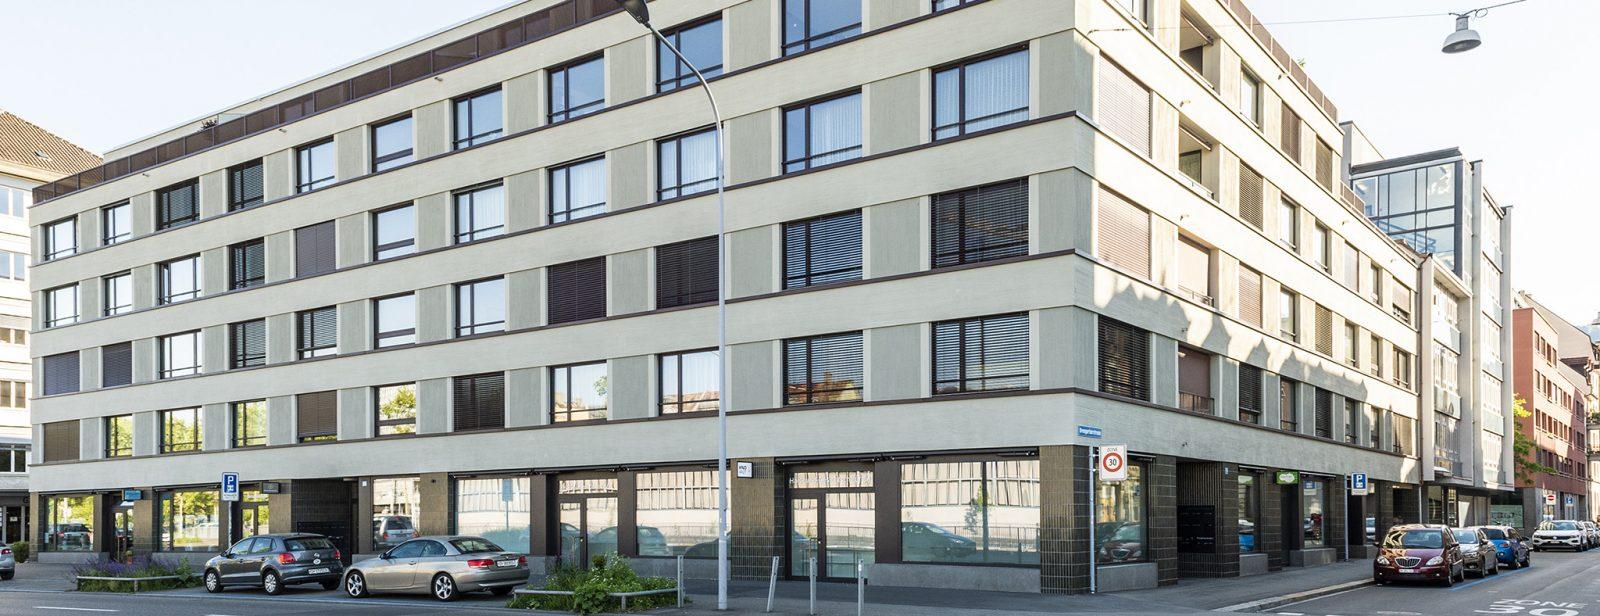 Neubau Erikastrasse 2 bis 6, 8003 Zürich